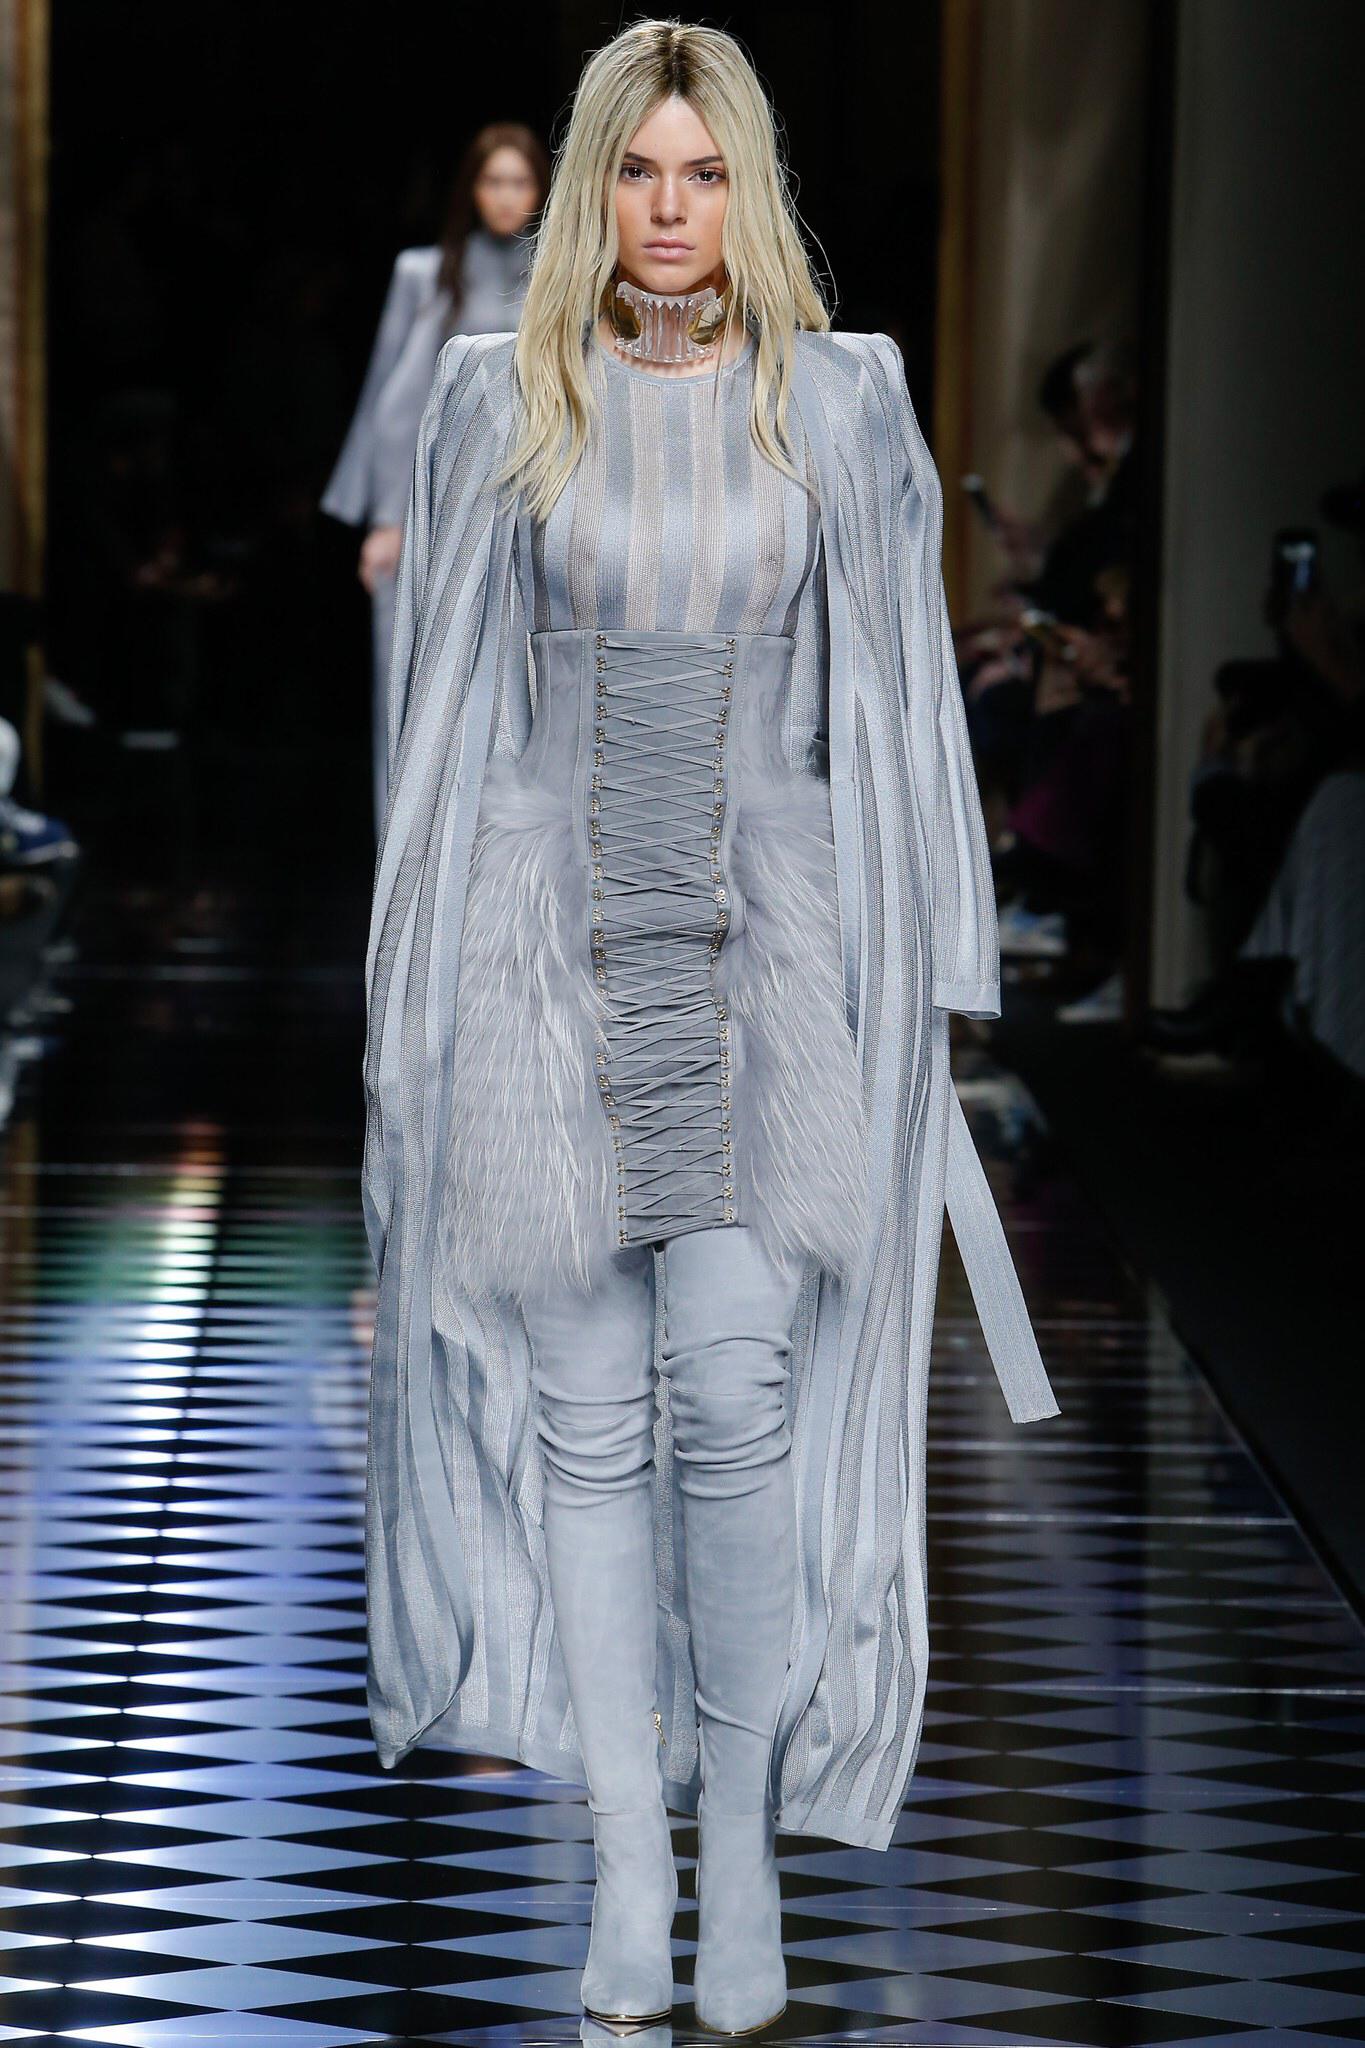 Balmain FALL 2016 Paris Fashion Week